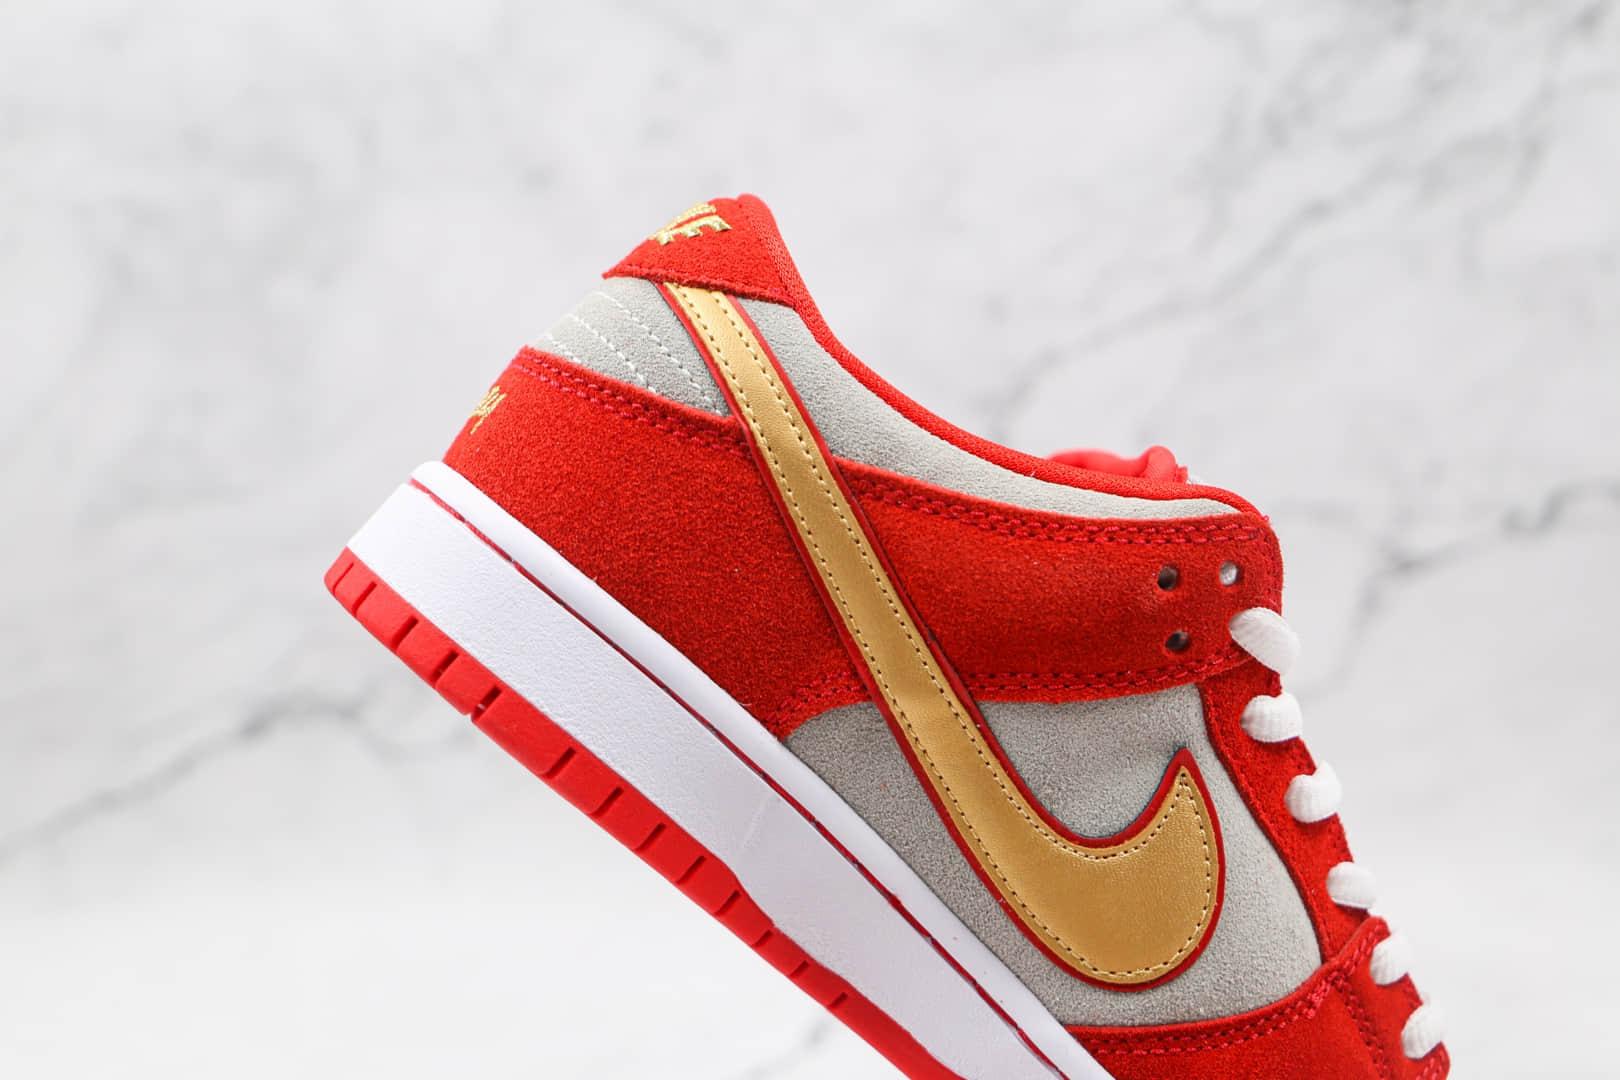 耐克Nike SB Dunk Low Nasty Boys纯原版本低帮SB DUNK灰红金钩美国国旗板鞋内置气垫 货号:304292-610